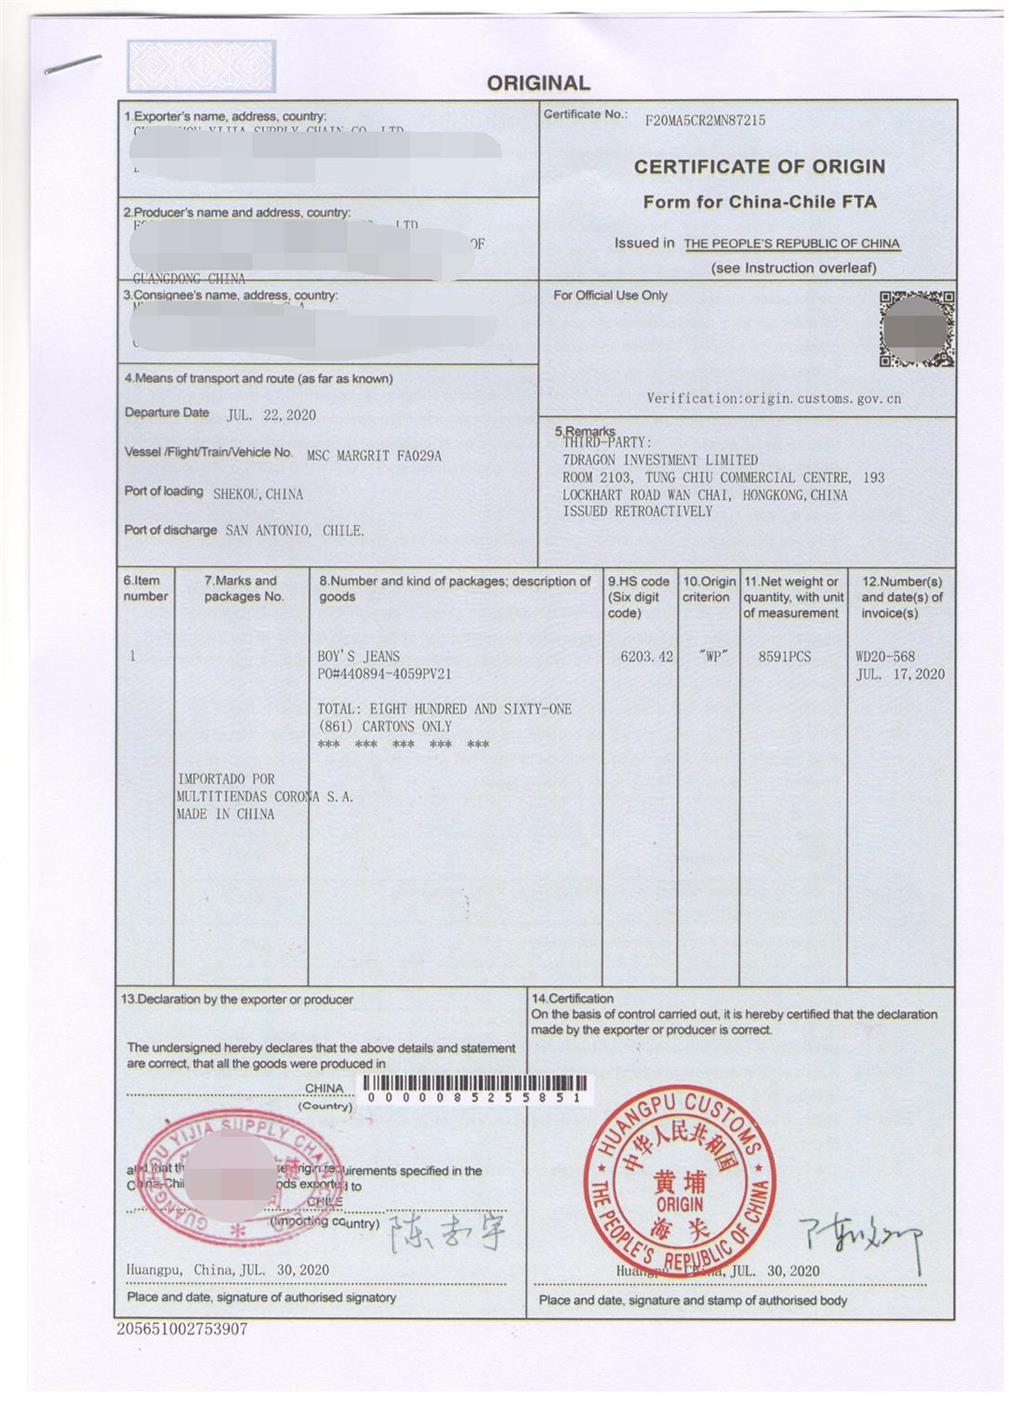 溫州辦理智利FORM F原產地證聯系電話 中國智利自貿區原產地證FORM F 海牙認證及雙認證辦理流程,需要什么資料